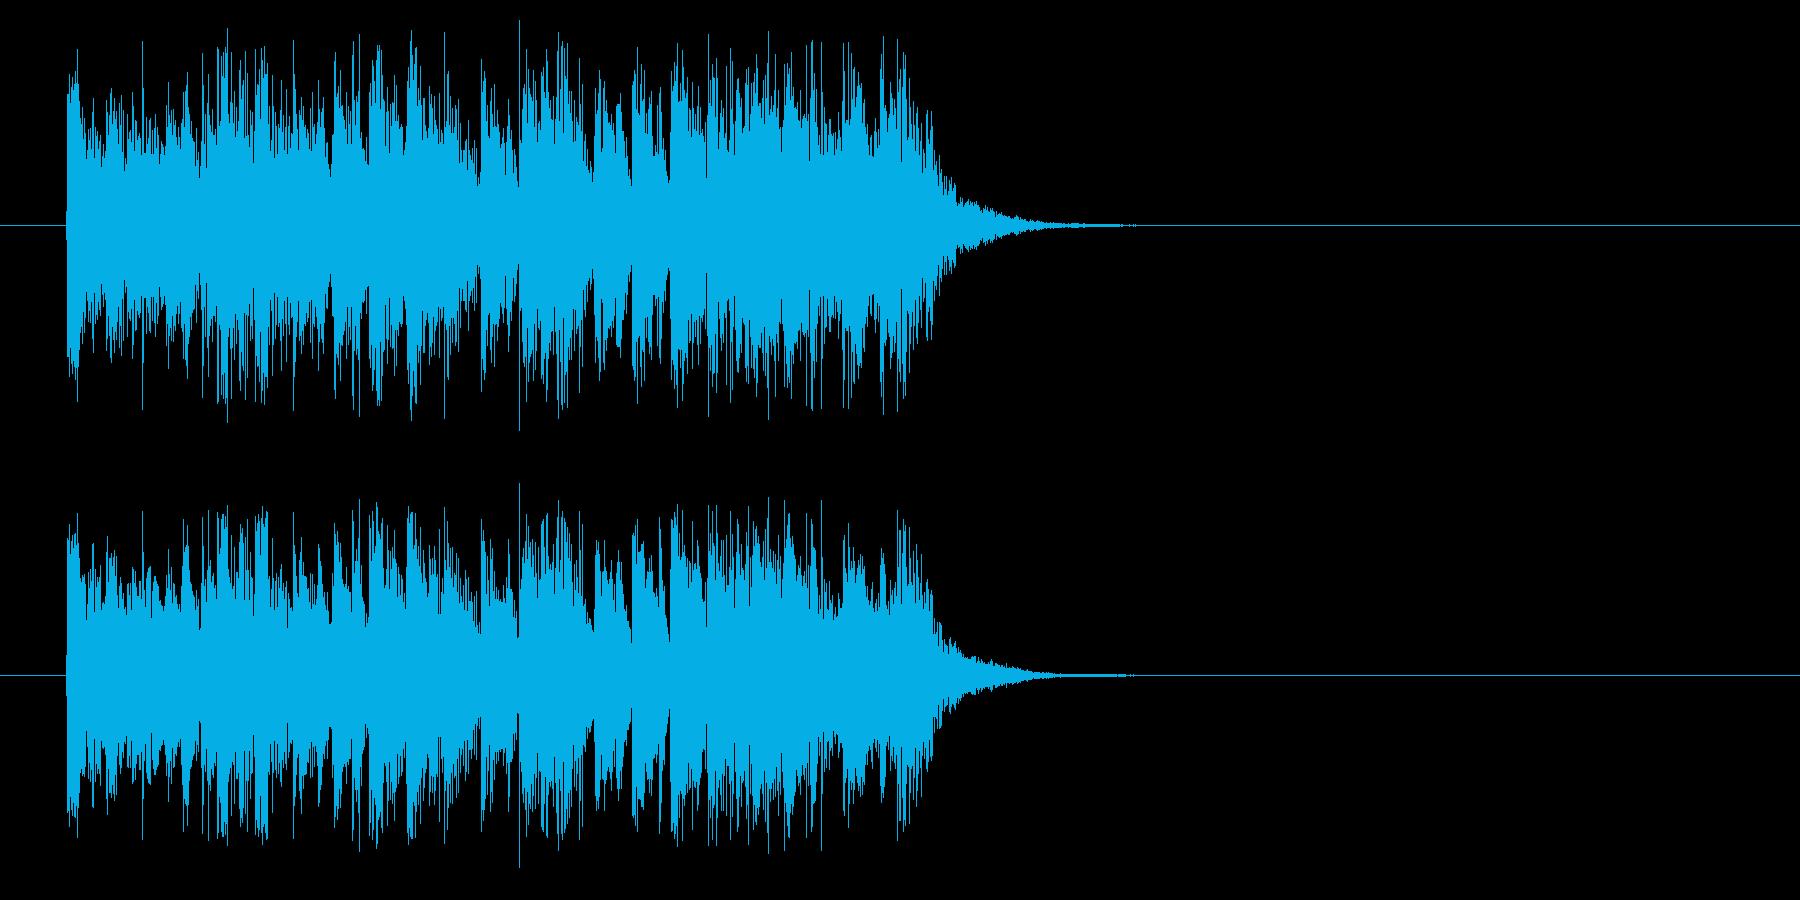 ジングル(それではVTRをどうぞ)の再生済みの波形